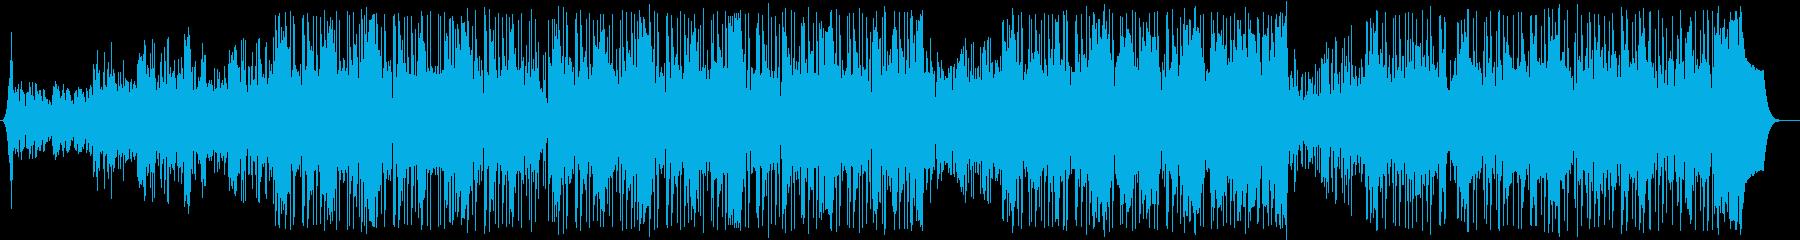 電気楽器。高騰、ポジティブなエネル...の再生済みの波形